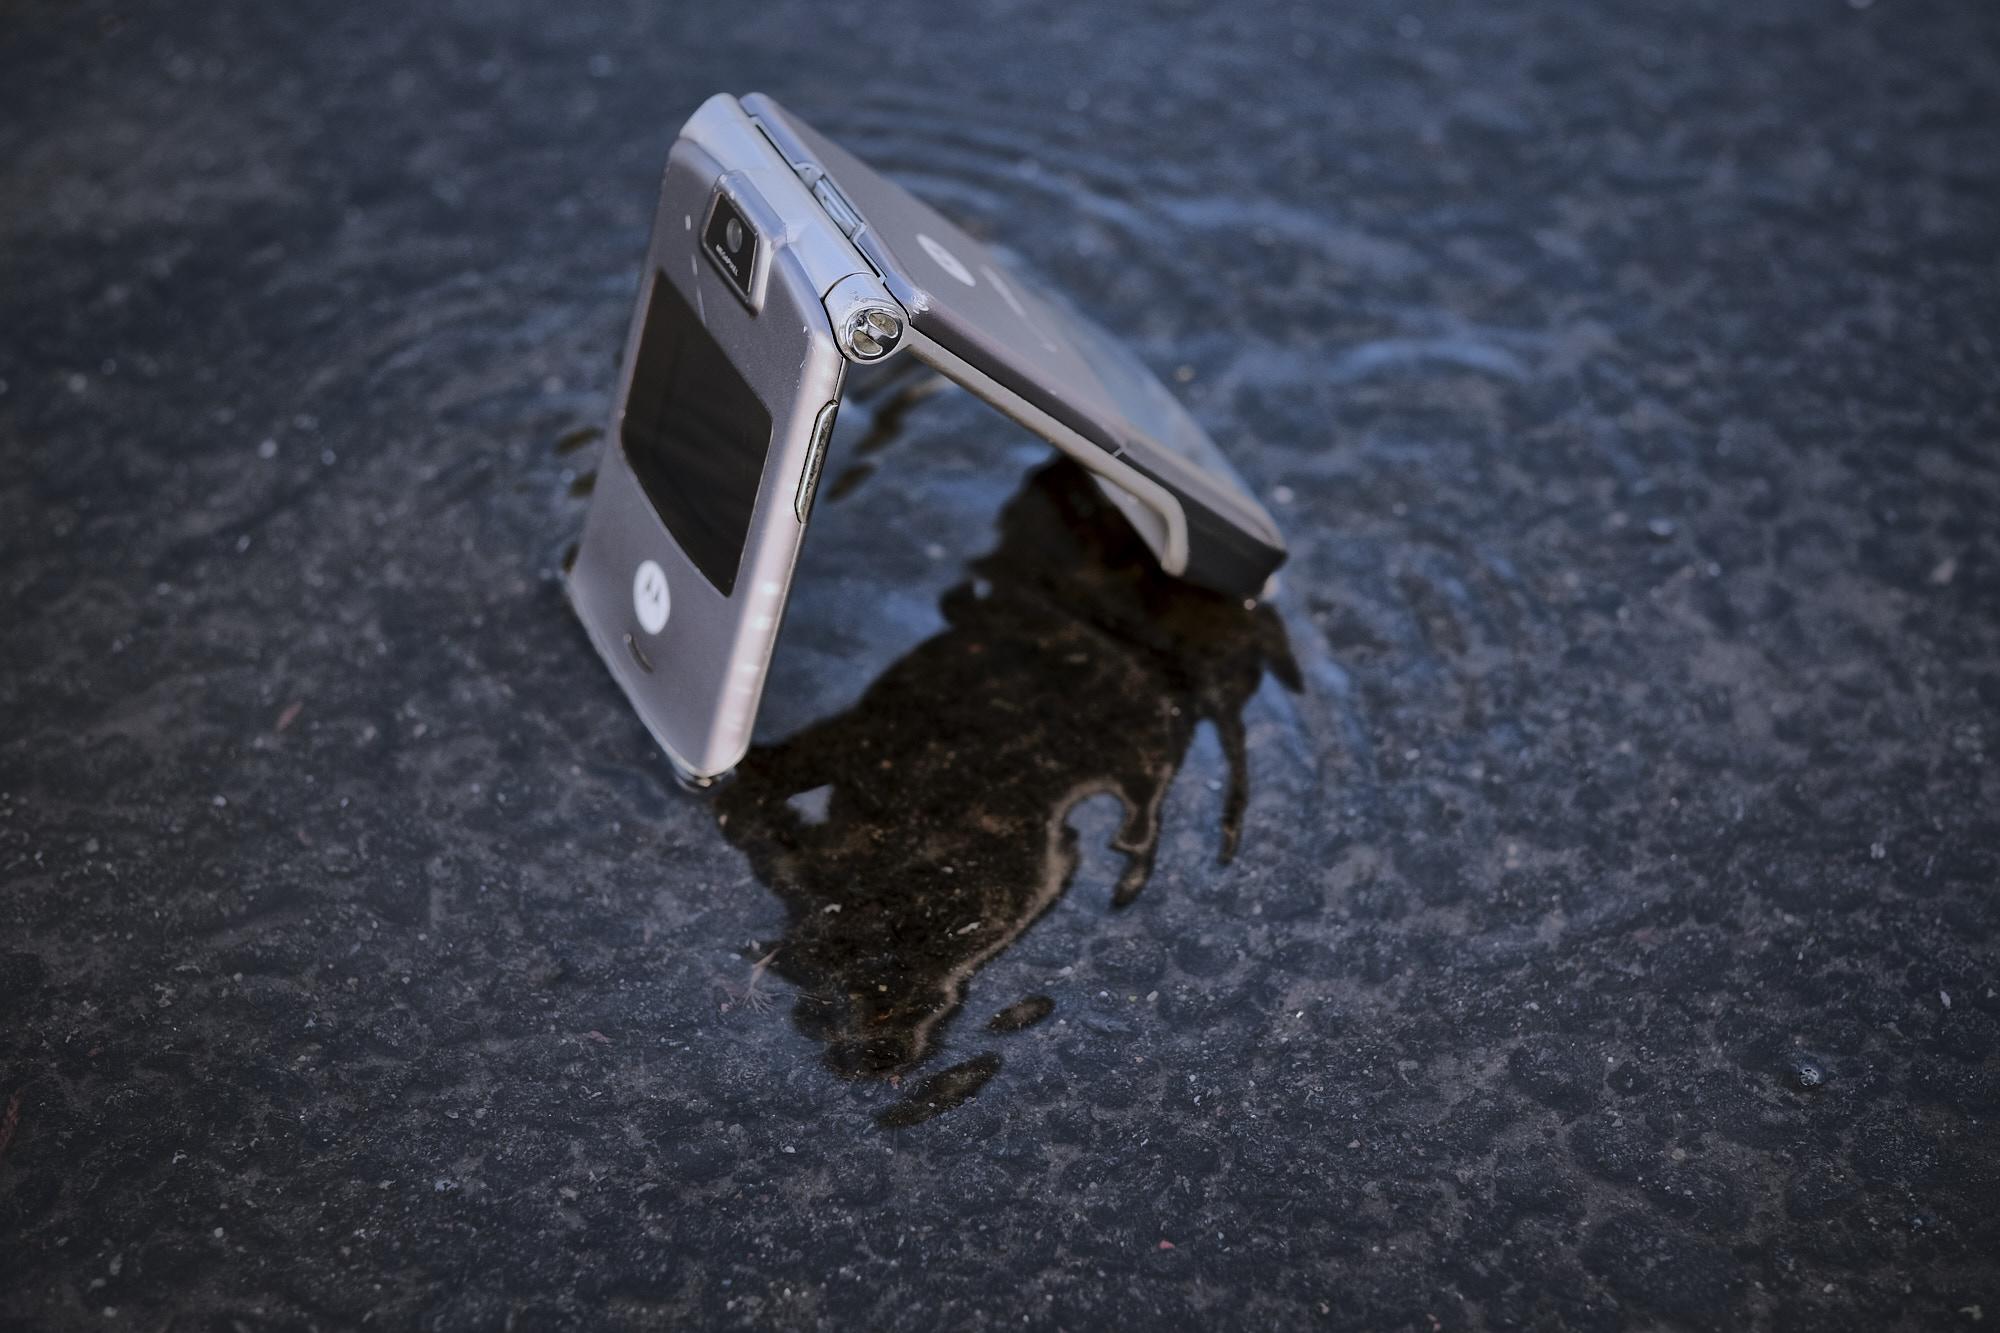 Motorola razr v3 phone